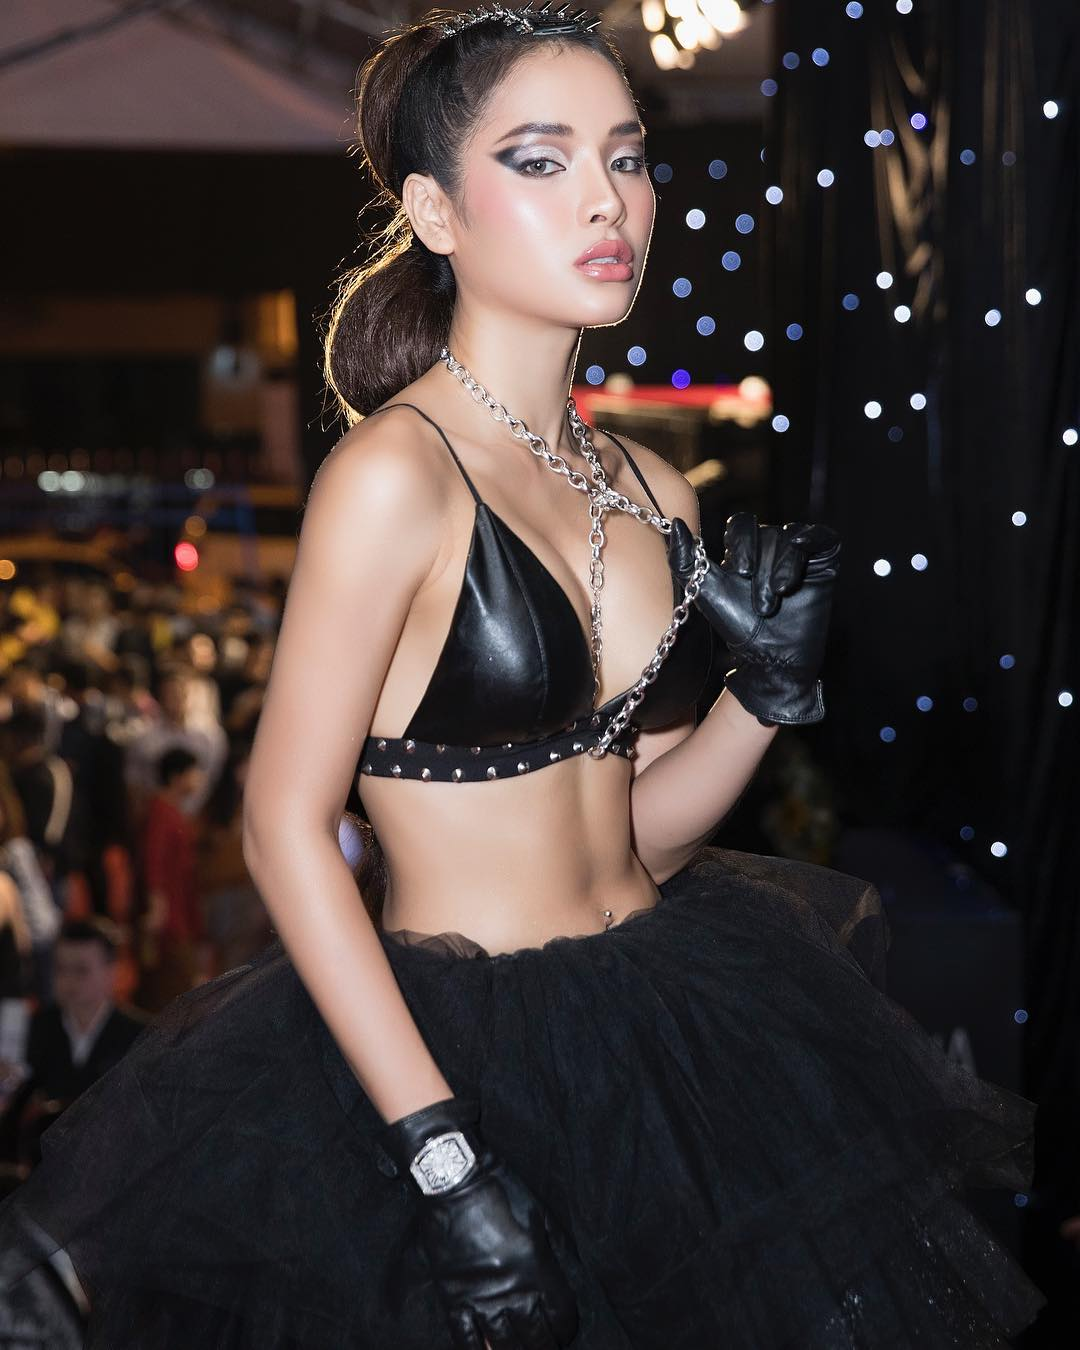 Liên tục đăng hình ảnh nóng bỏng,  Phương Trinh Jolie  bị chỉ trích 'nghiện khoe thân' - Ảnh 12